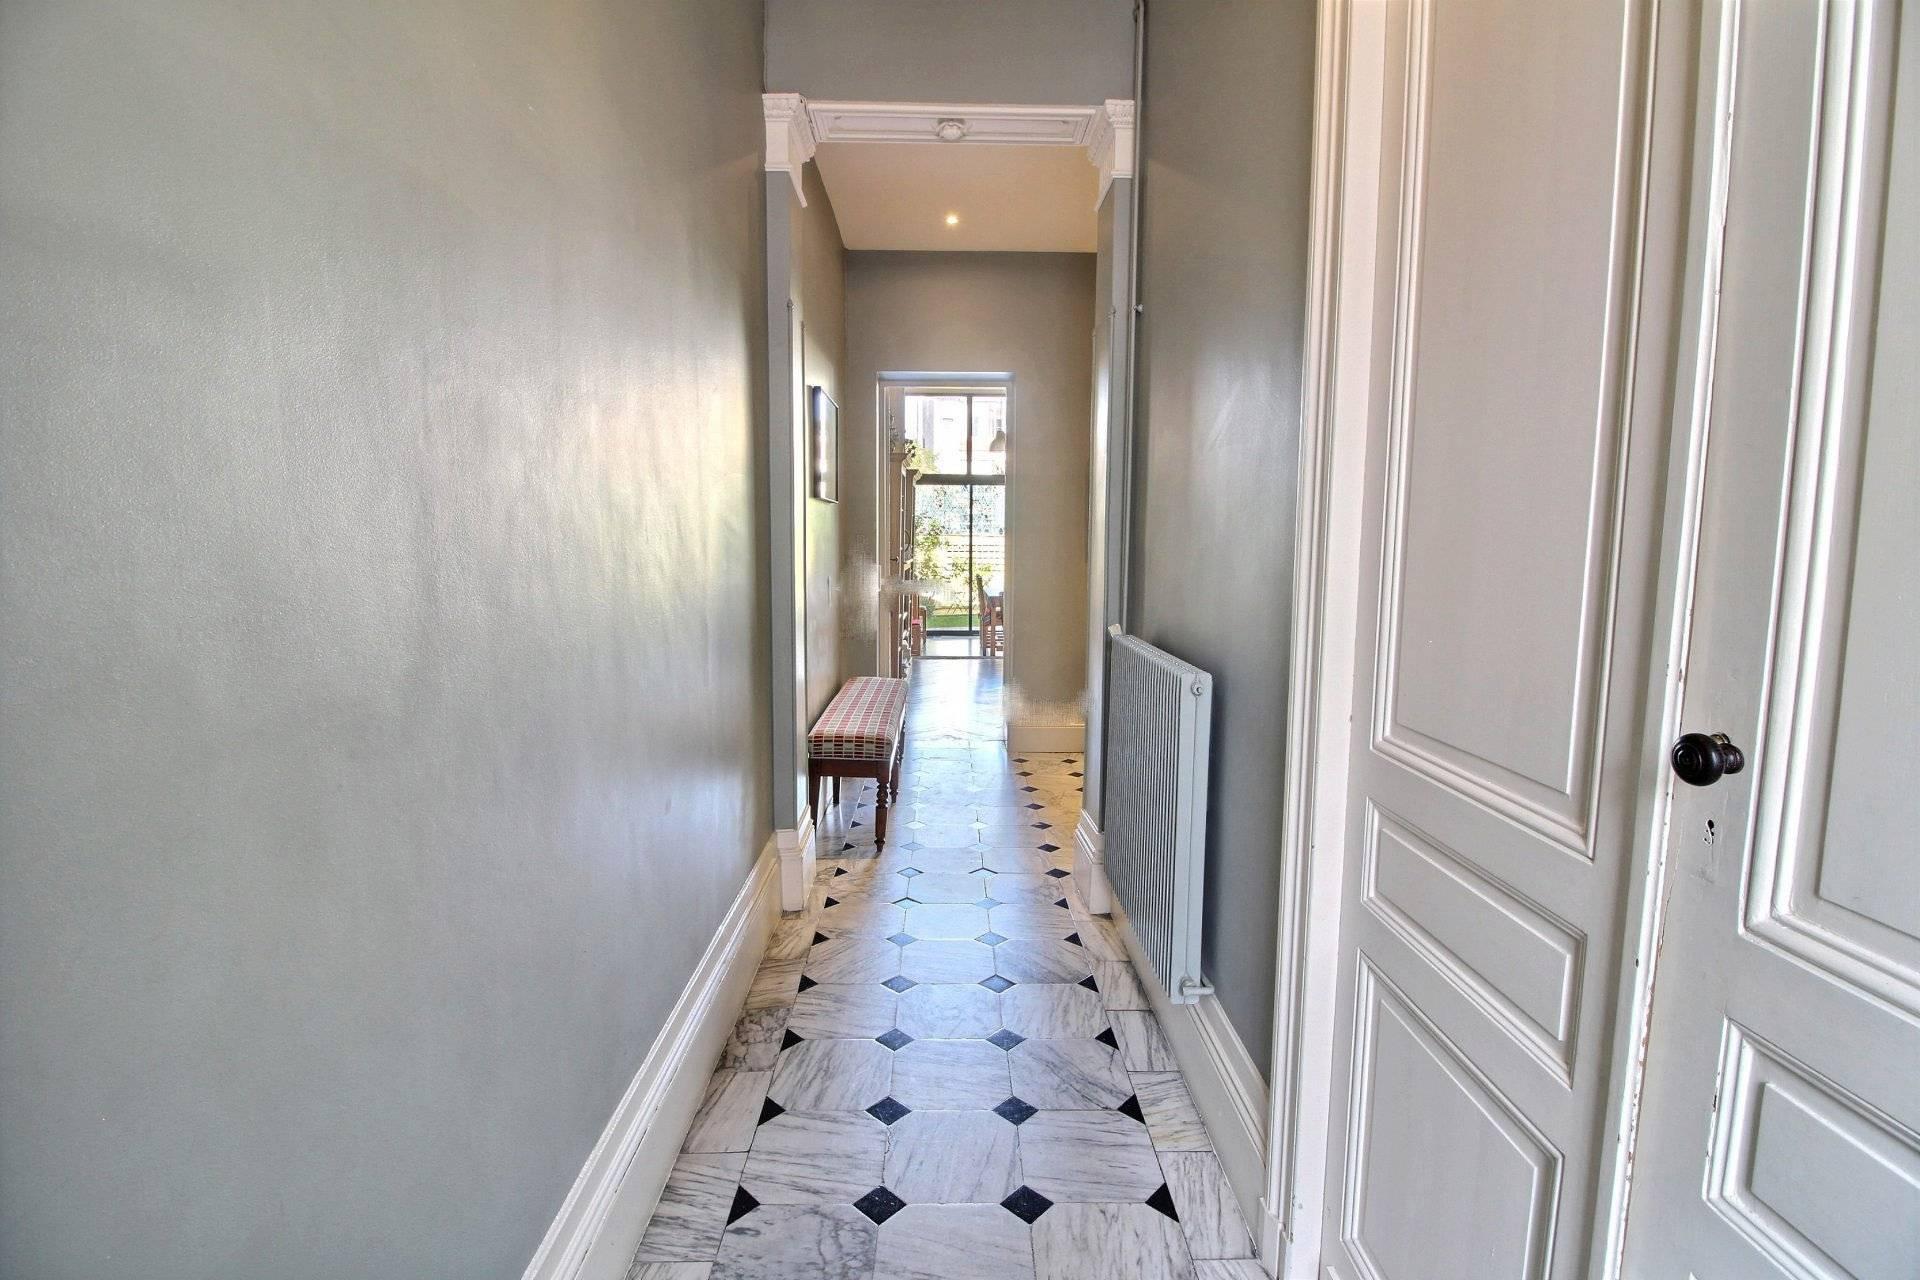 Belle maison avec jardin vendre bordeaux saint genes coldwell banker - Belles maisons bordeaux ...